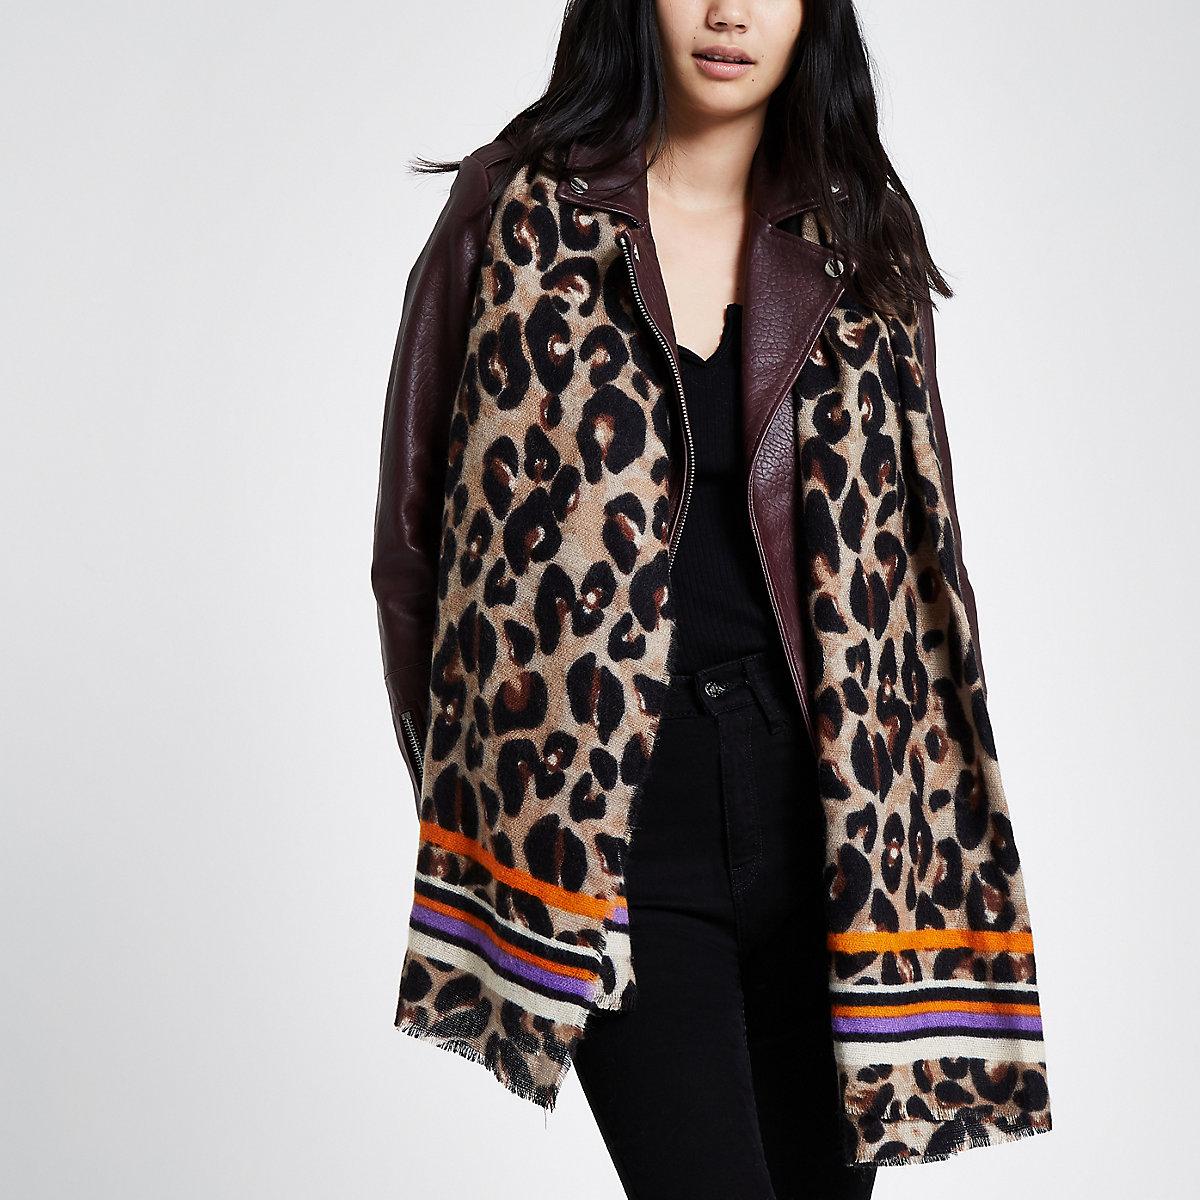 Foulard motif léopard rayé marron - Écharpes - Accessoires - Femme a6e187d8abe